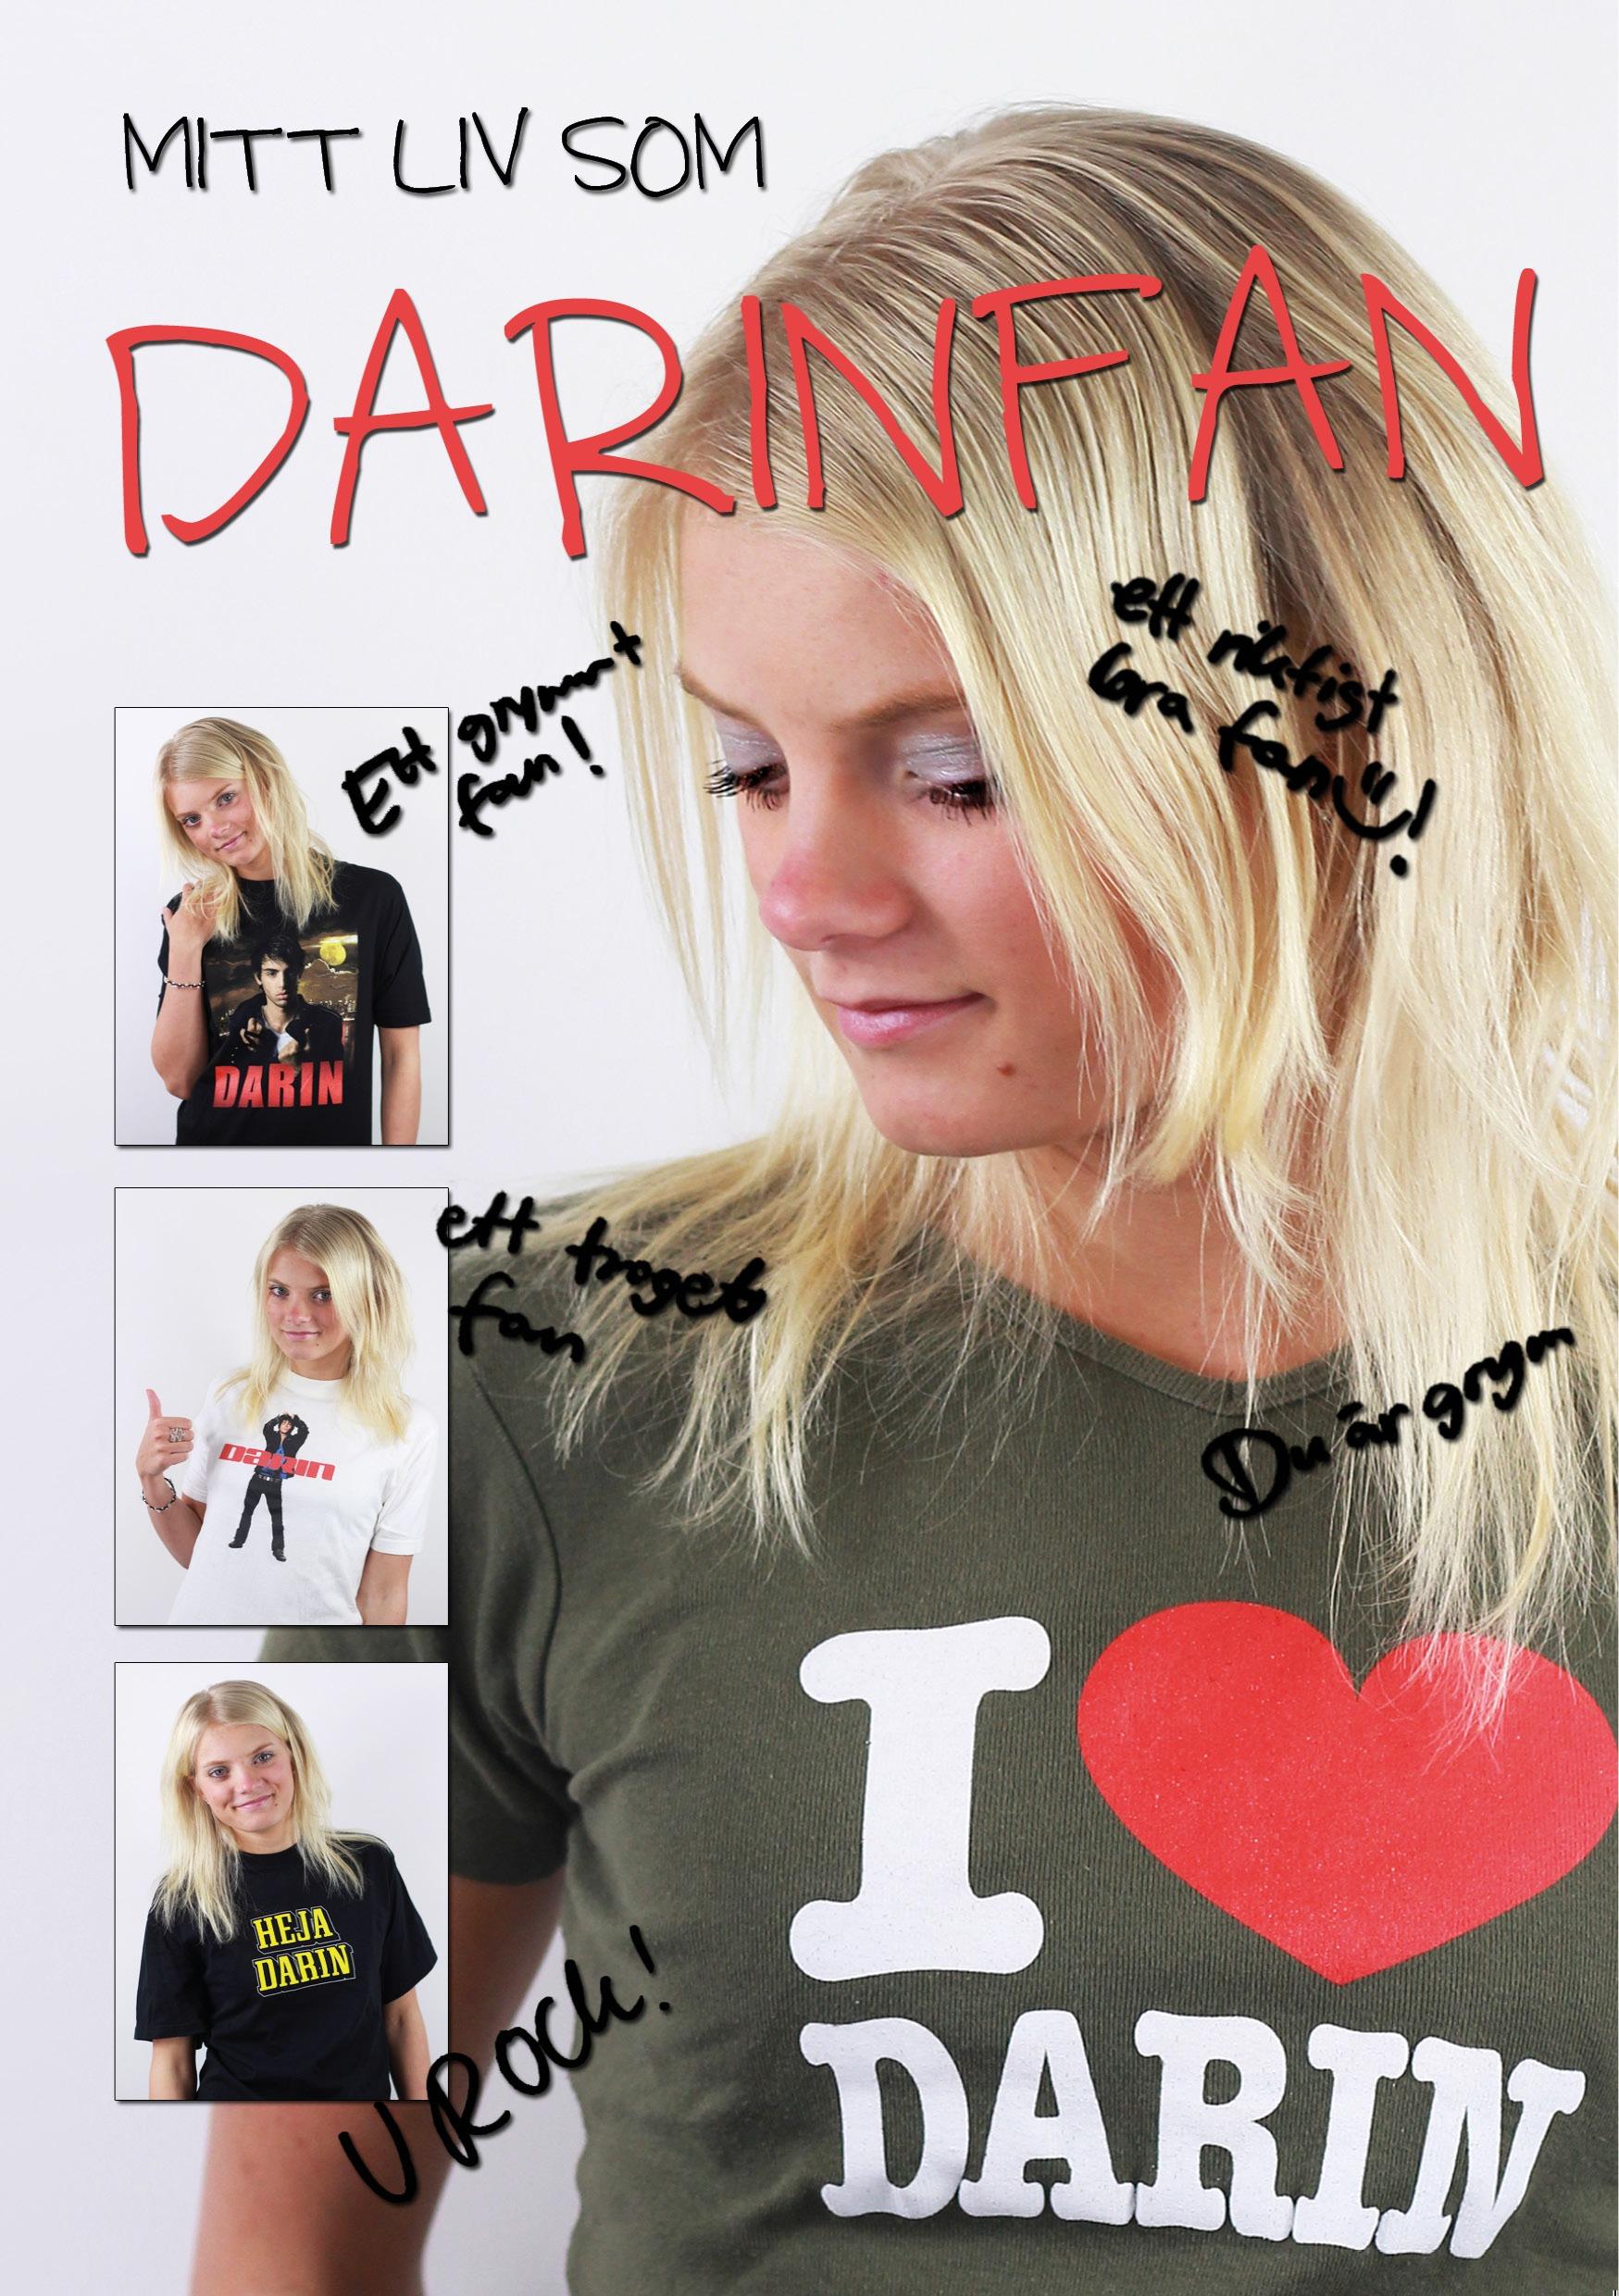 Mitt liv som Darinfan av Emilia Johansson